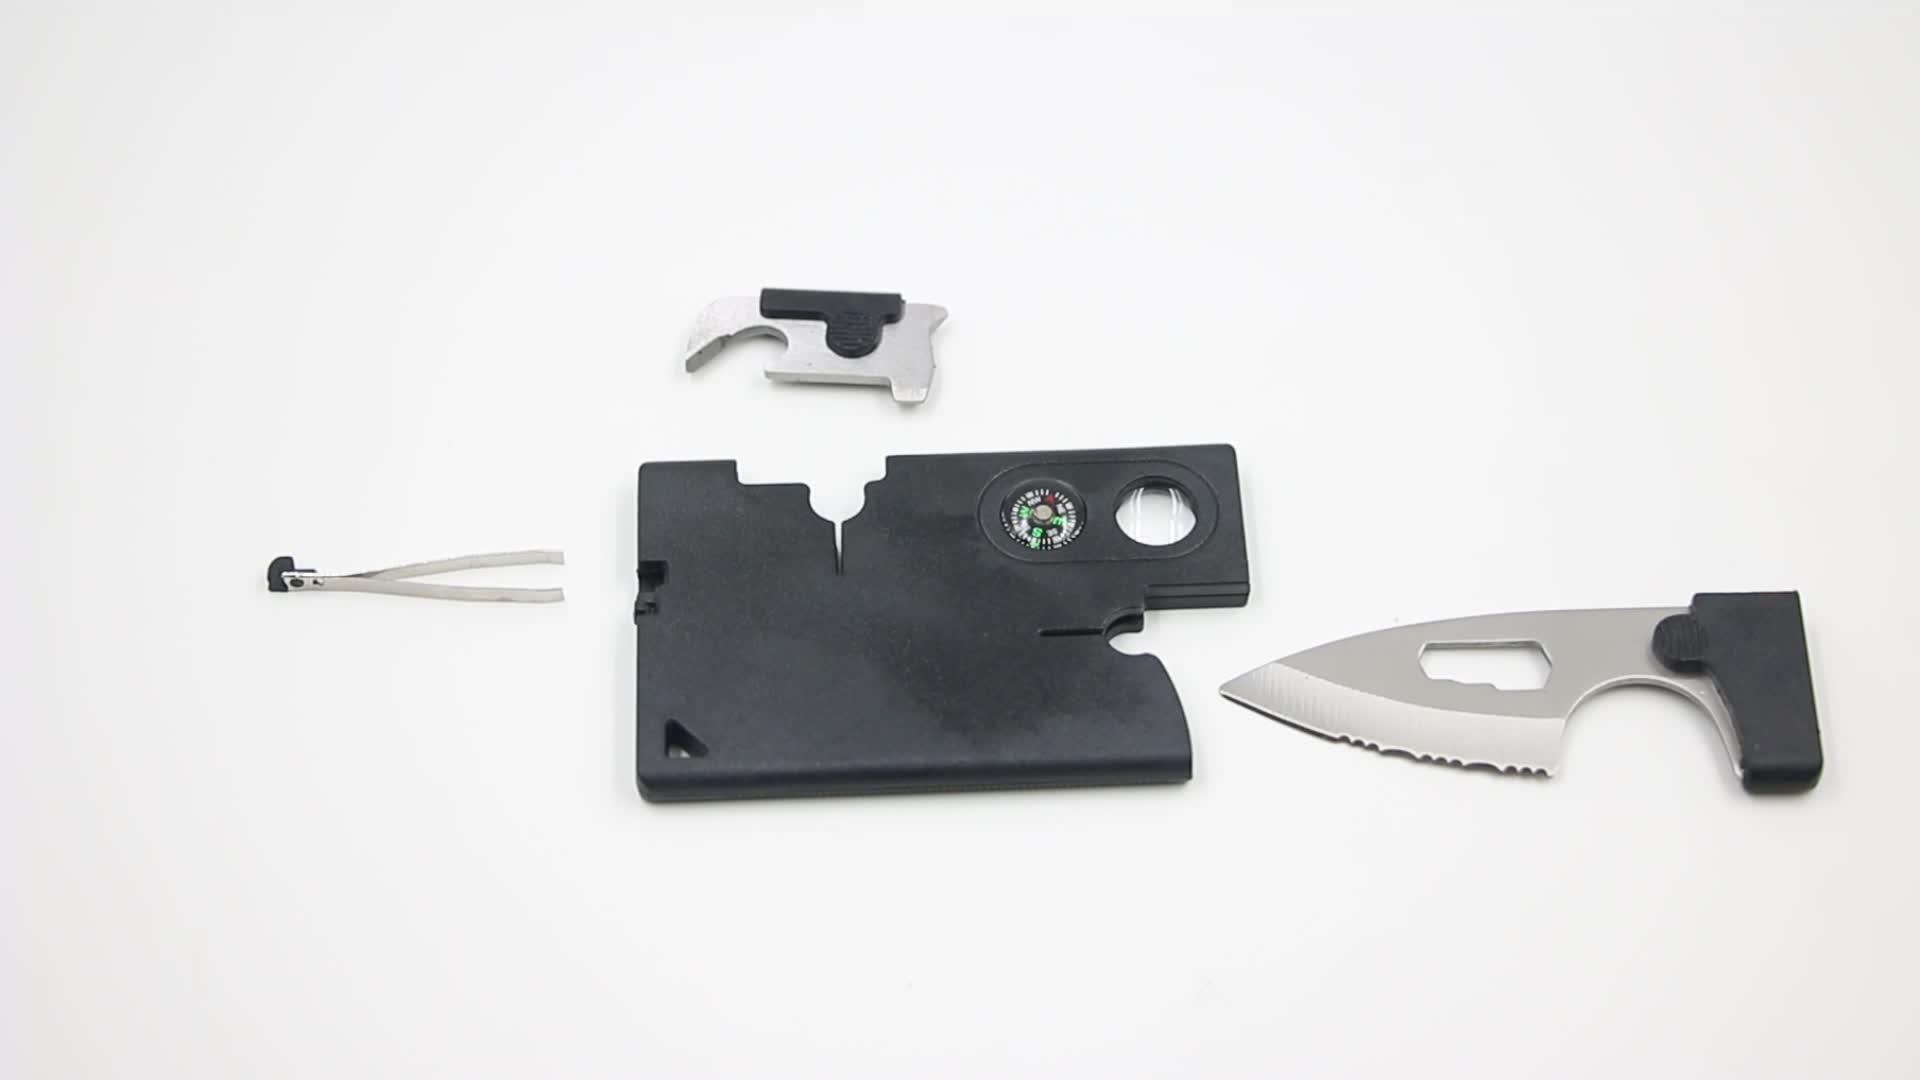 Cmart nero caldo di sicurezza della lama di tasca della carta del raccoglitore mini carta di credito coltello/lama di carta di credito